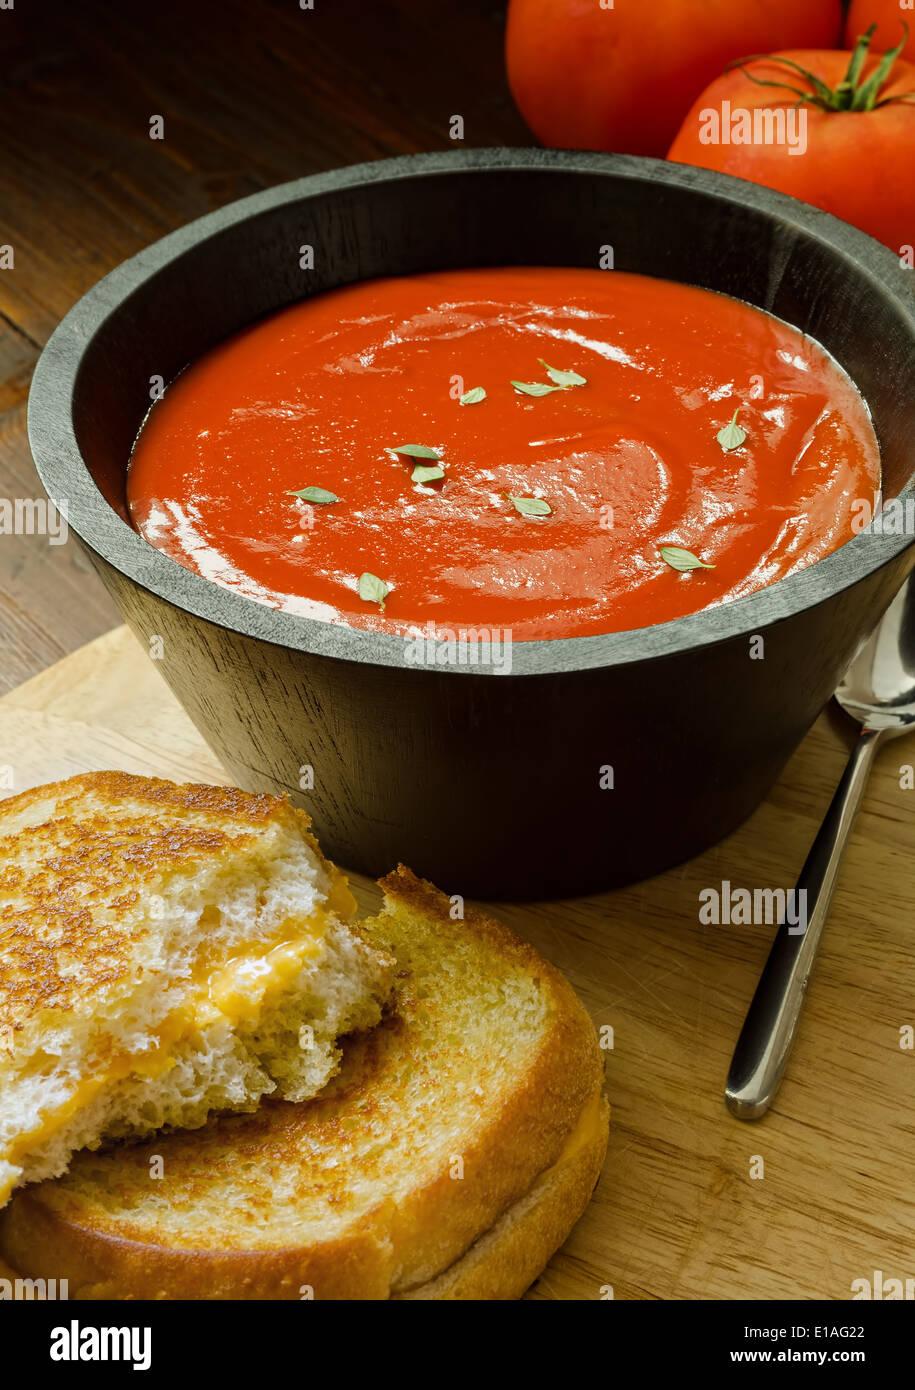 Una tazza abbondante di fatto in casa zuppa di pomodoro e formaggio alla griglia sandwich. Foto Stock